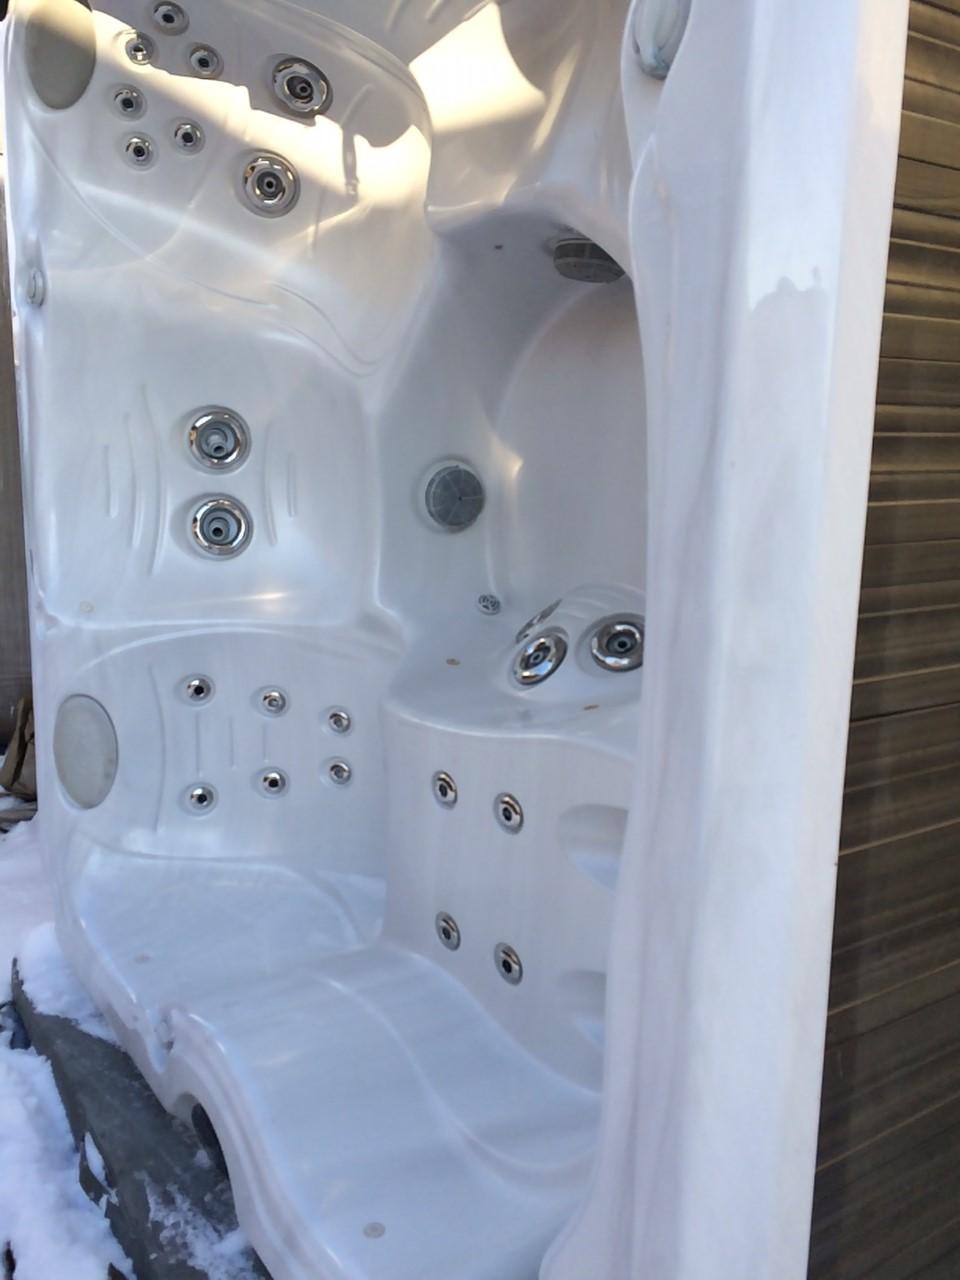 2012 J235 Hot Tub in Manitoba